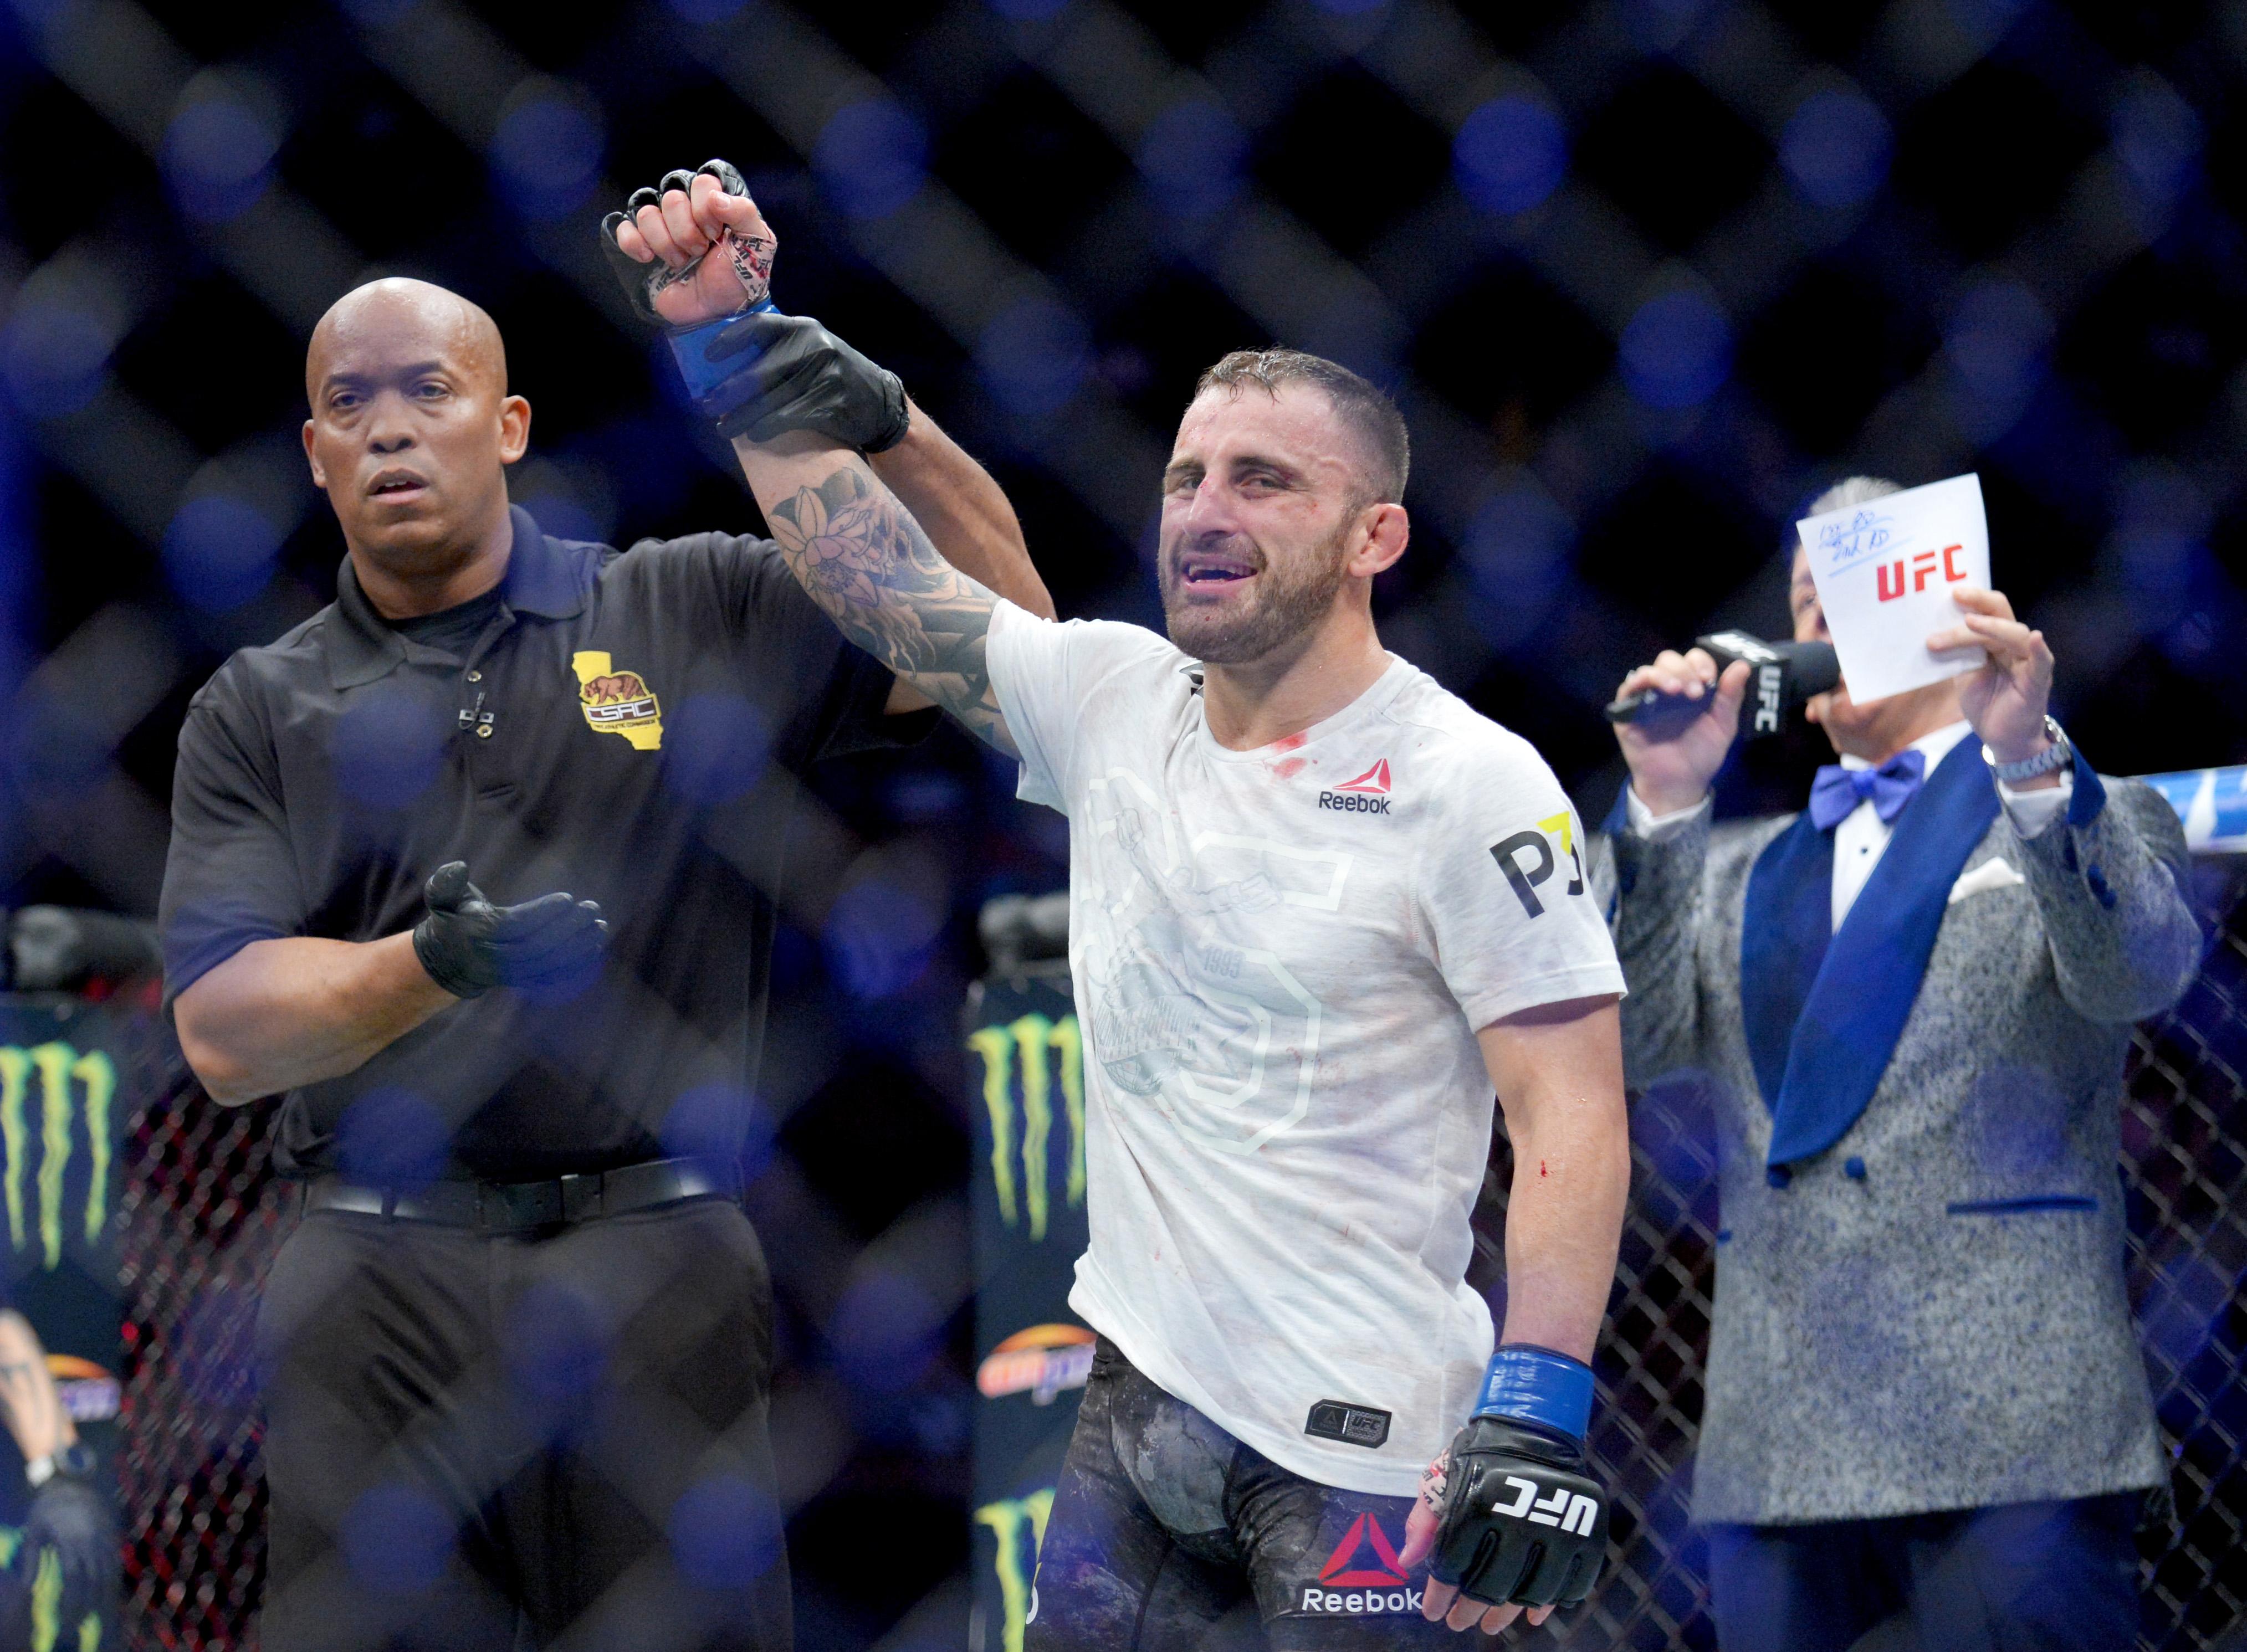 MMA: UFC 232-Mendes vs Volkanovski